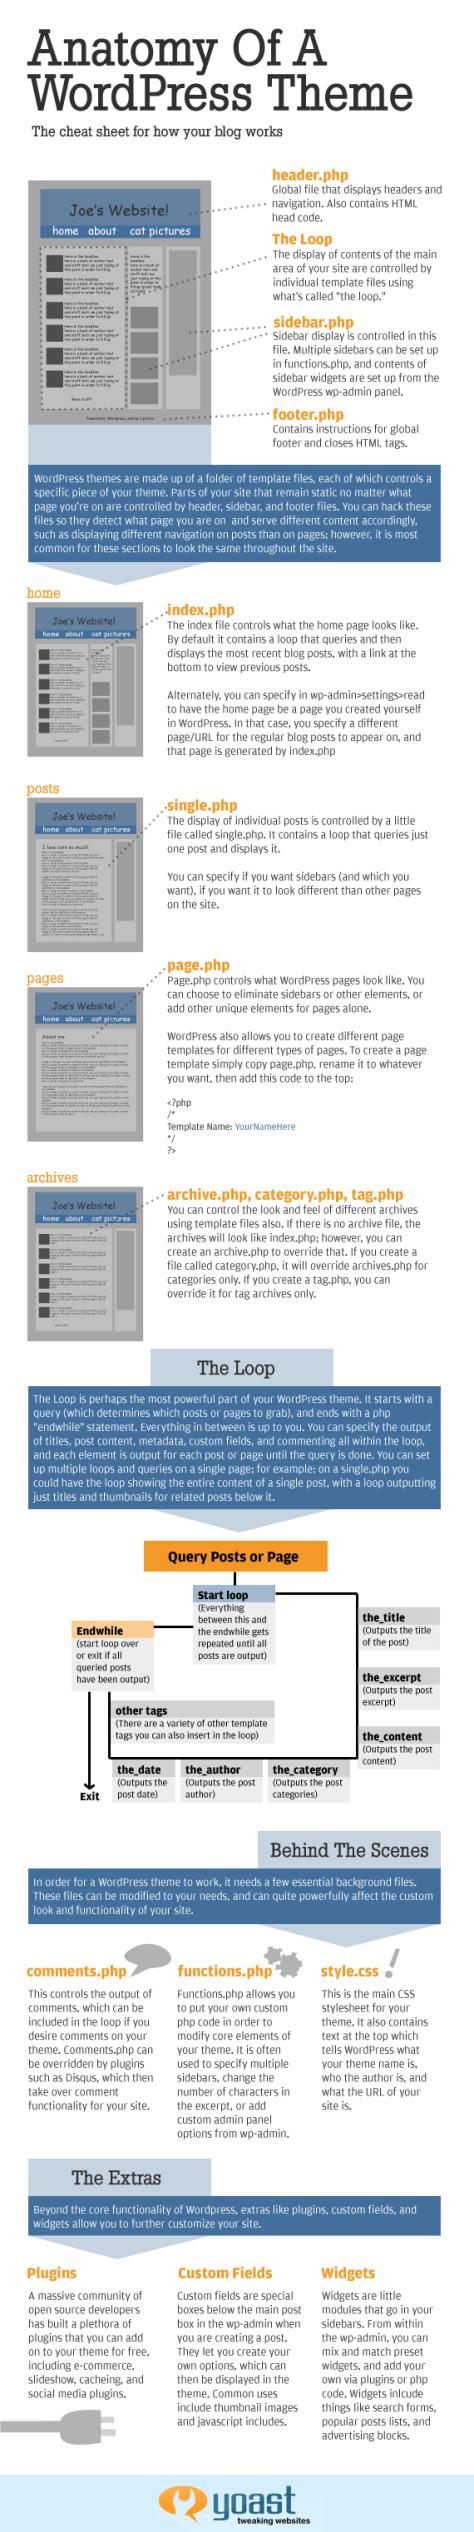 anatomy of wordpress by yoast.com